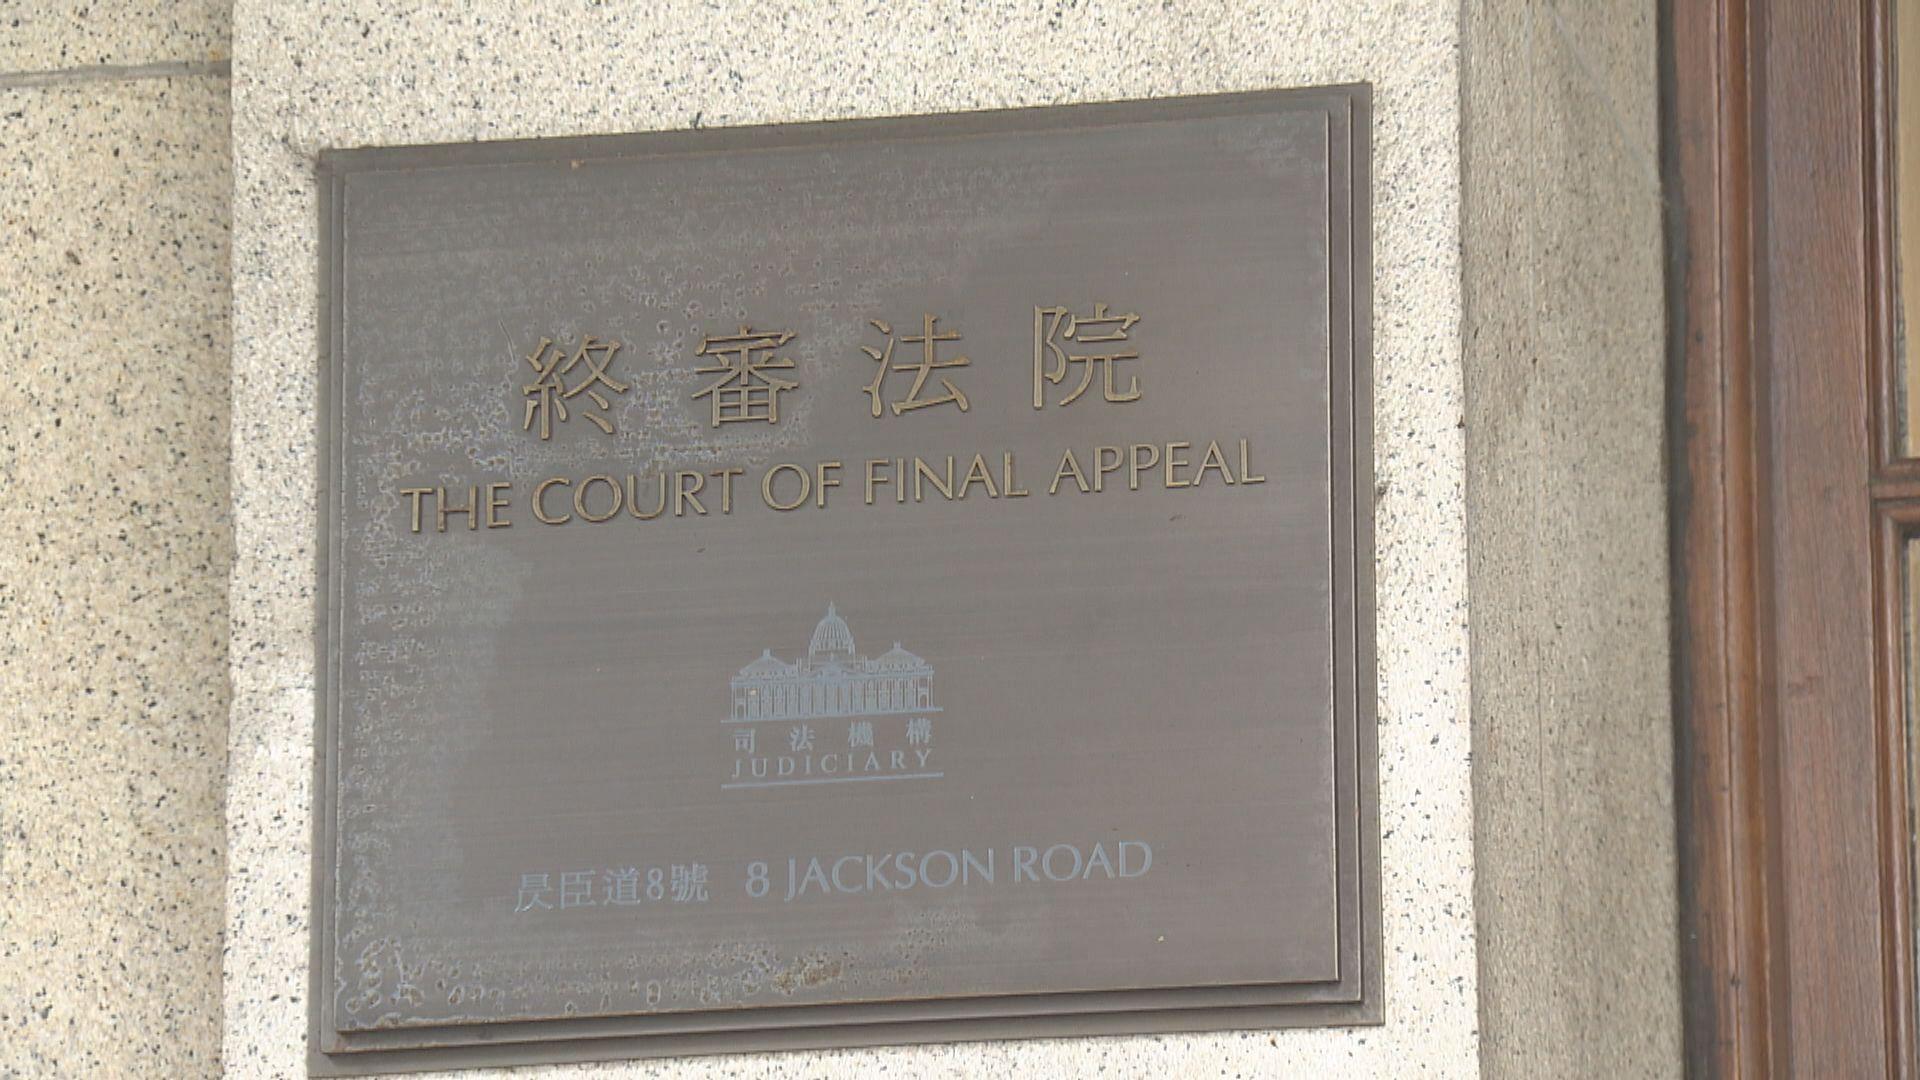 終審法院審理黎智英保釋案 律政司:應考慮有否再干犯罪行嫌疑